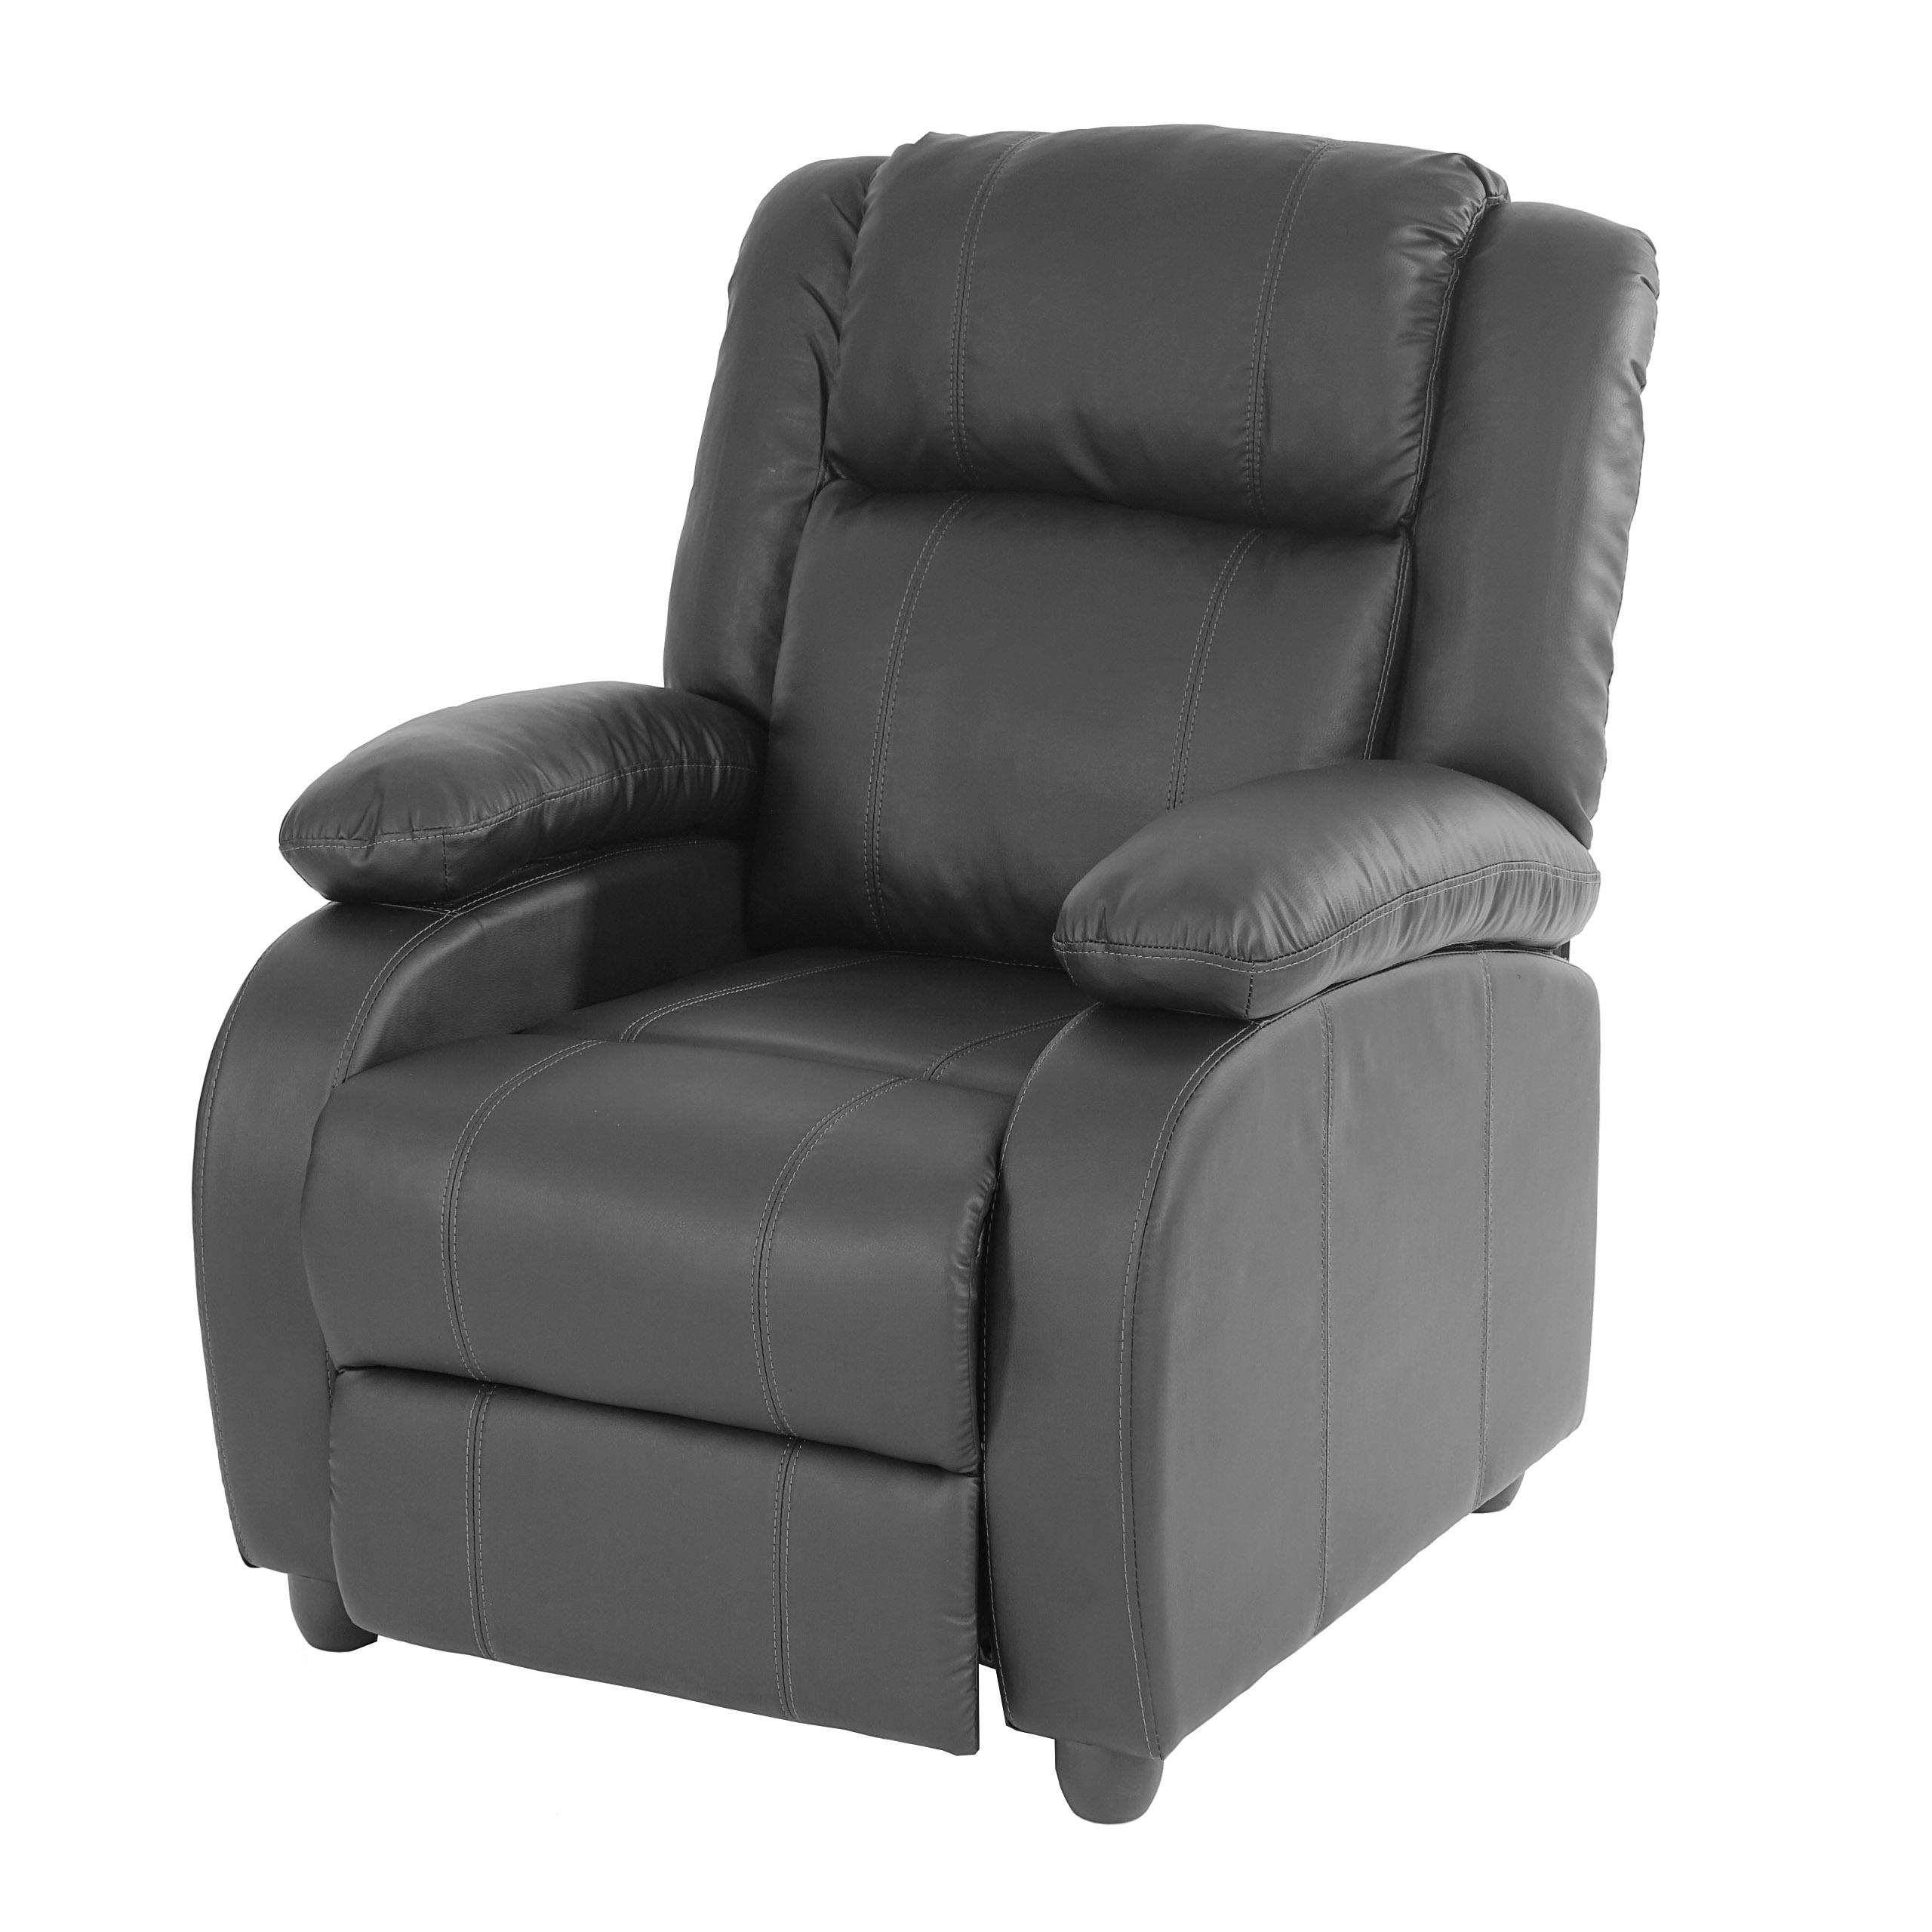 fernsehsessel relaxsessel liege sessel lincoln kunstleder. Black Bedroom Furniture Sets. Home Design Ideas